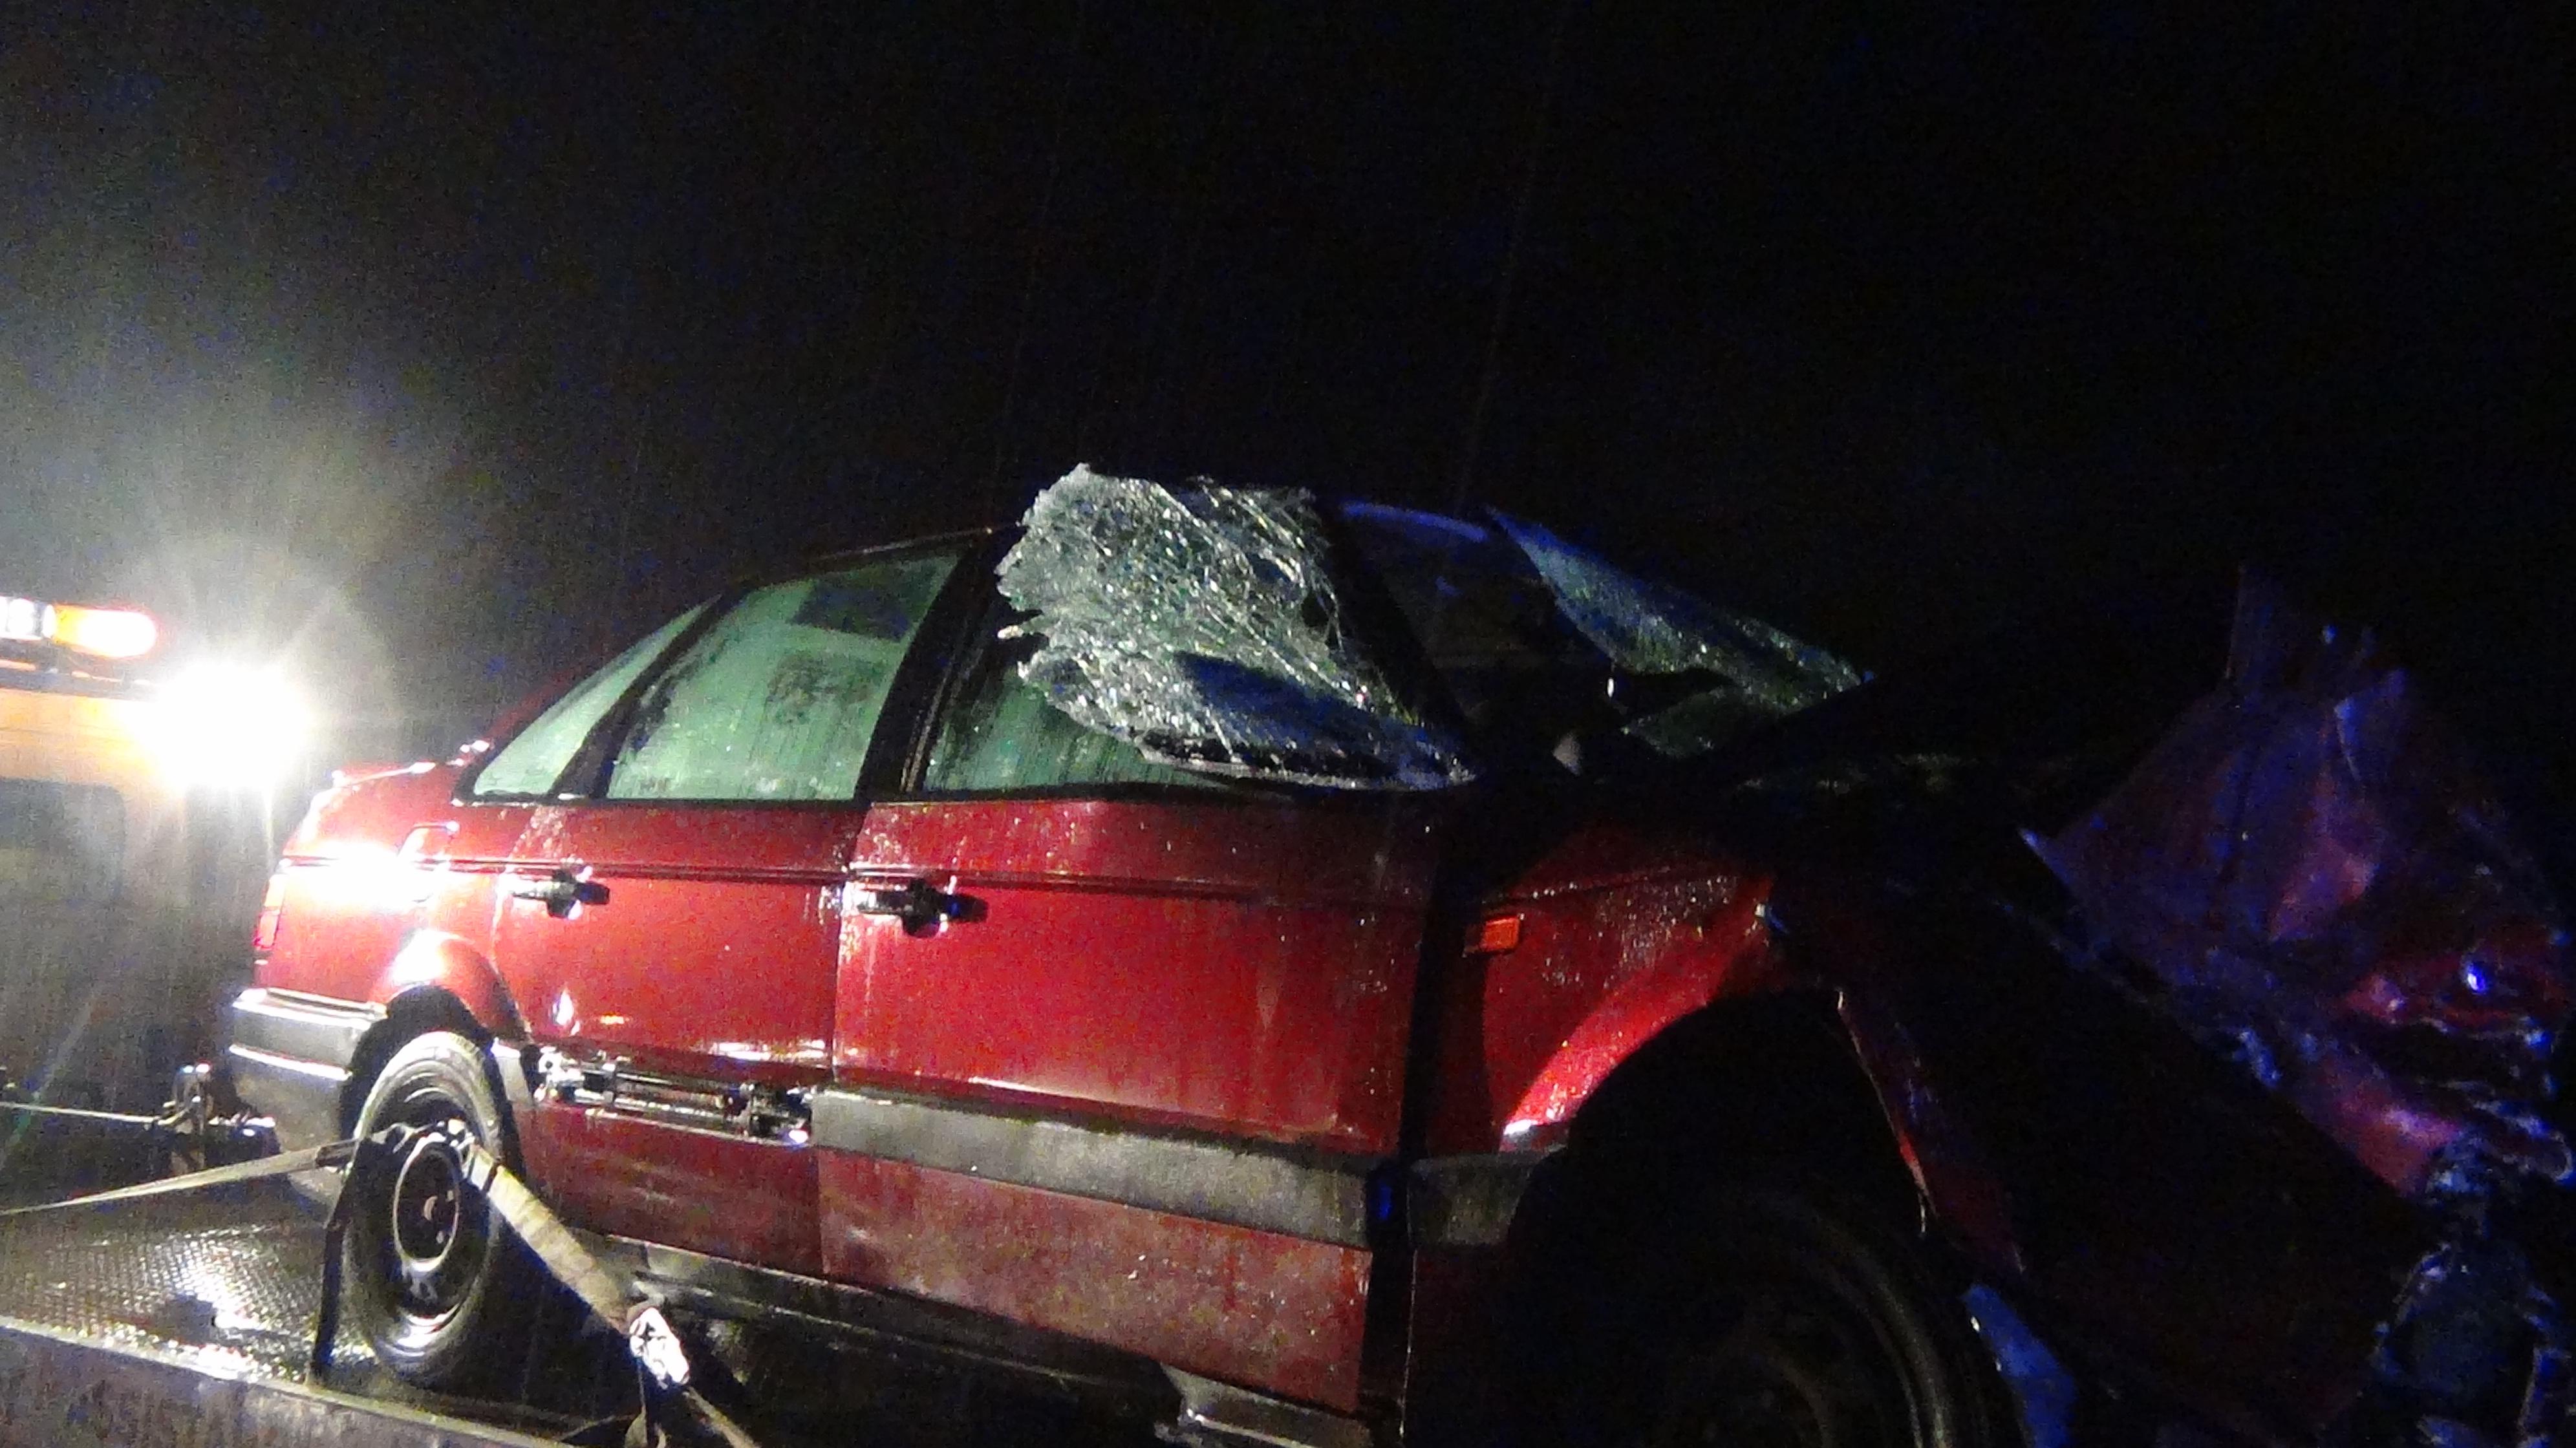 Βίντεο & Φωτογραφίες: Θανατηφόρο τροχαίο στο 2 χλμ Γρεβενών Δοξαρά – Ένας νεκρός και τρεις τραυματίες – Δείτε τις πινακίδες των αυτοκινήτων